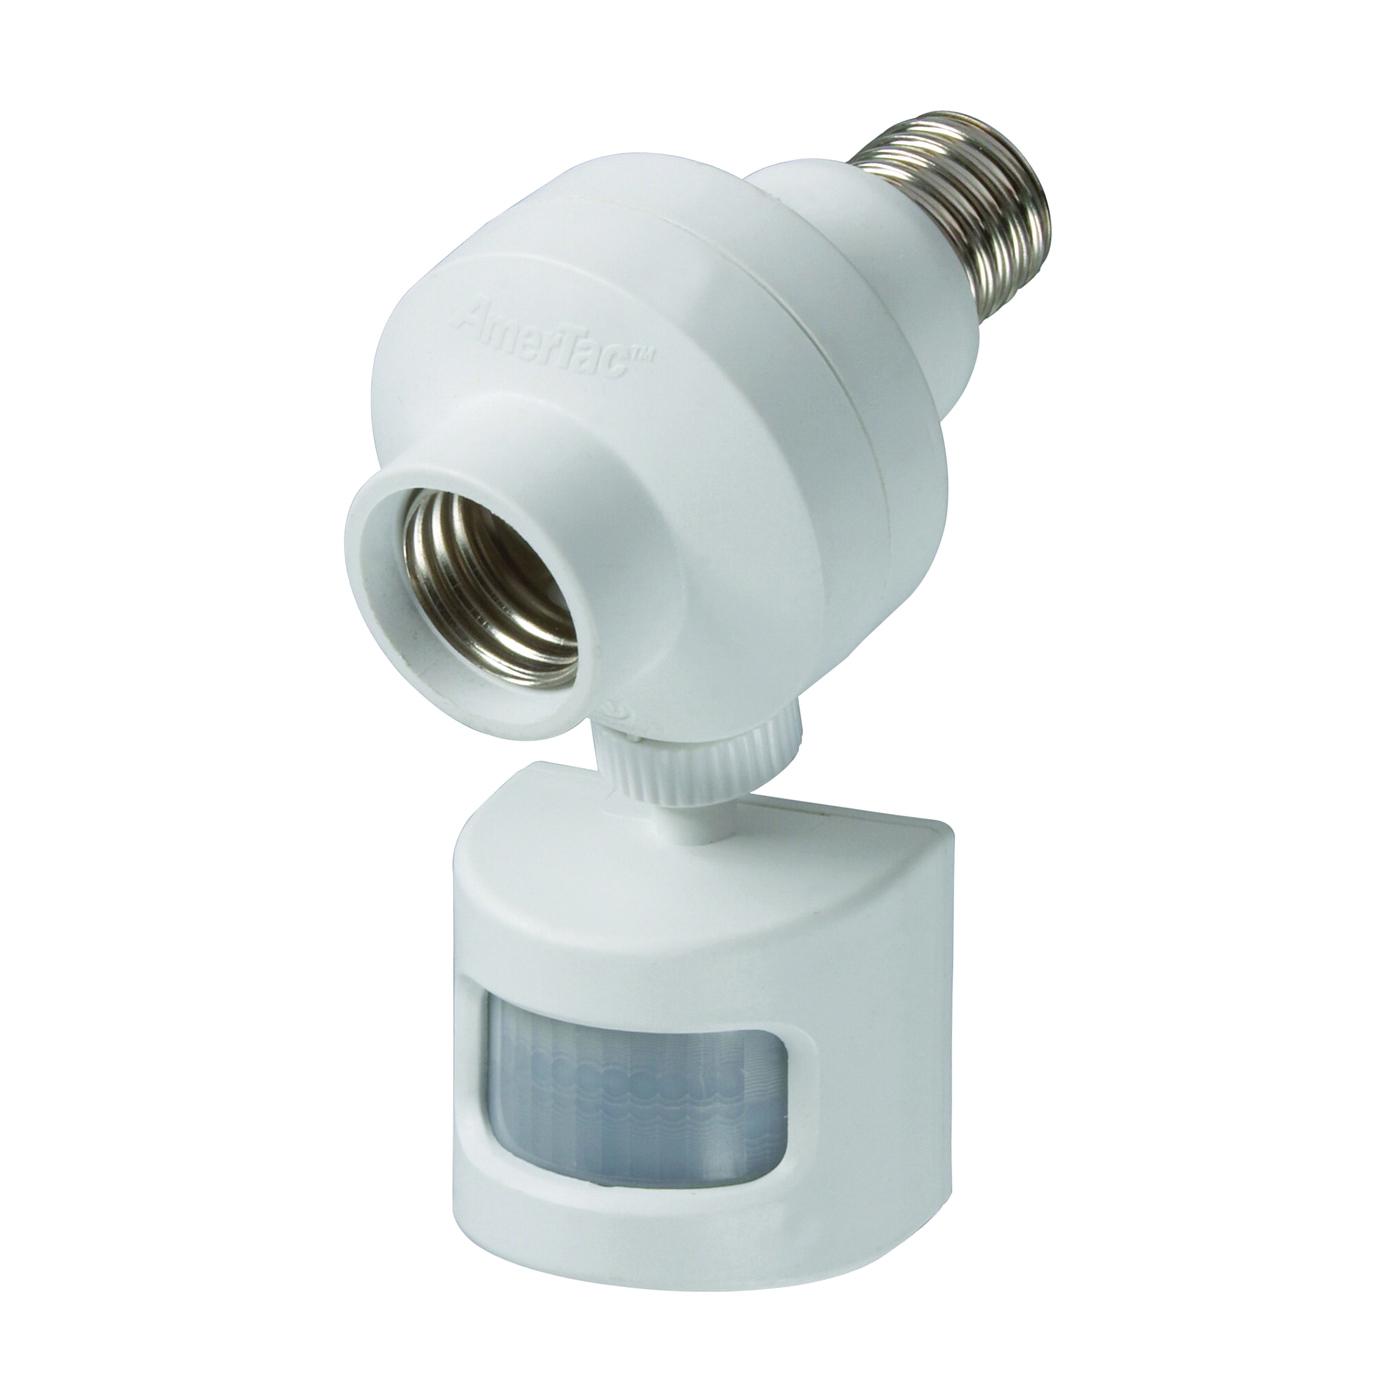 Picture of Westek OMLC5BC Motion Activated Light Control, 10 A, 120 V, Motion Sensor, 180 deg Sensing, 30 ft Sensing, White